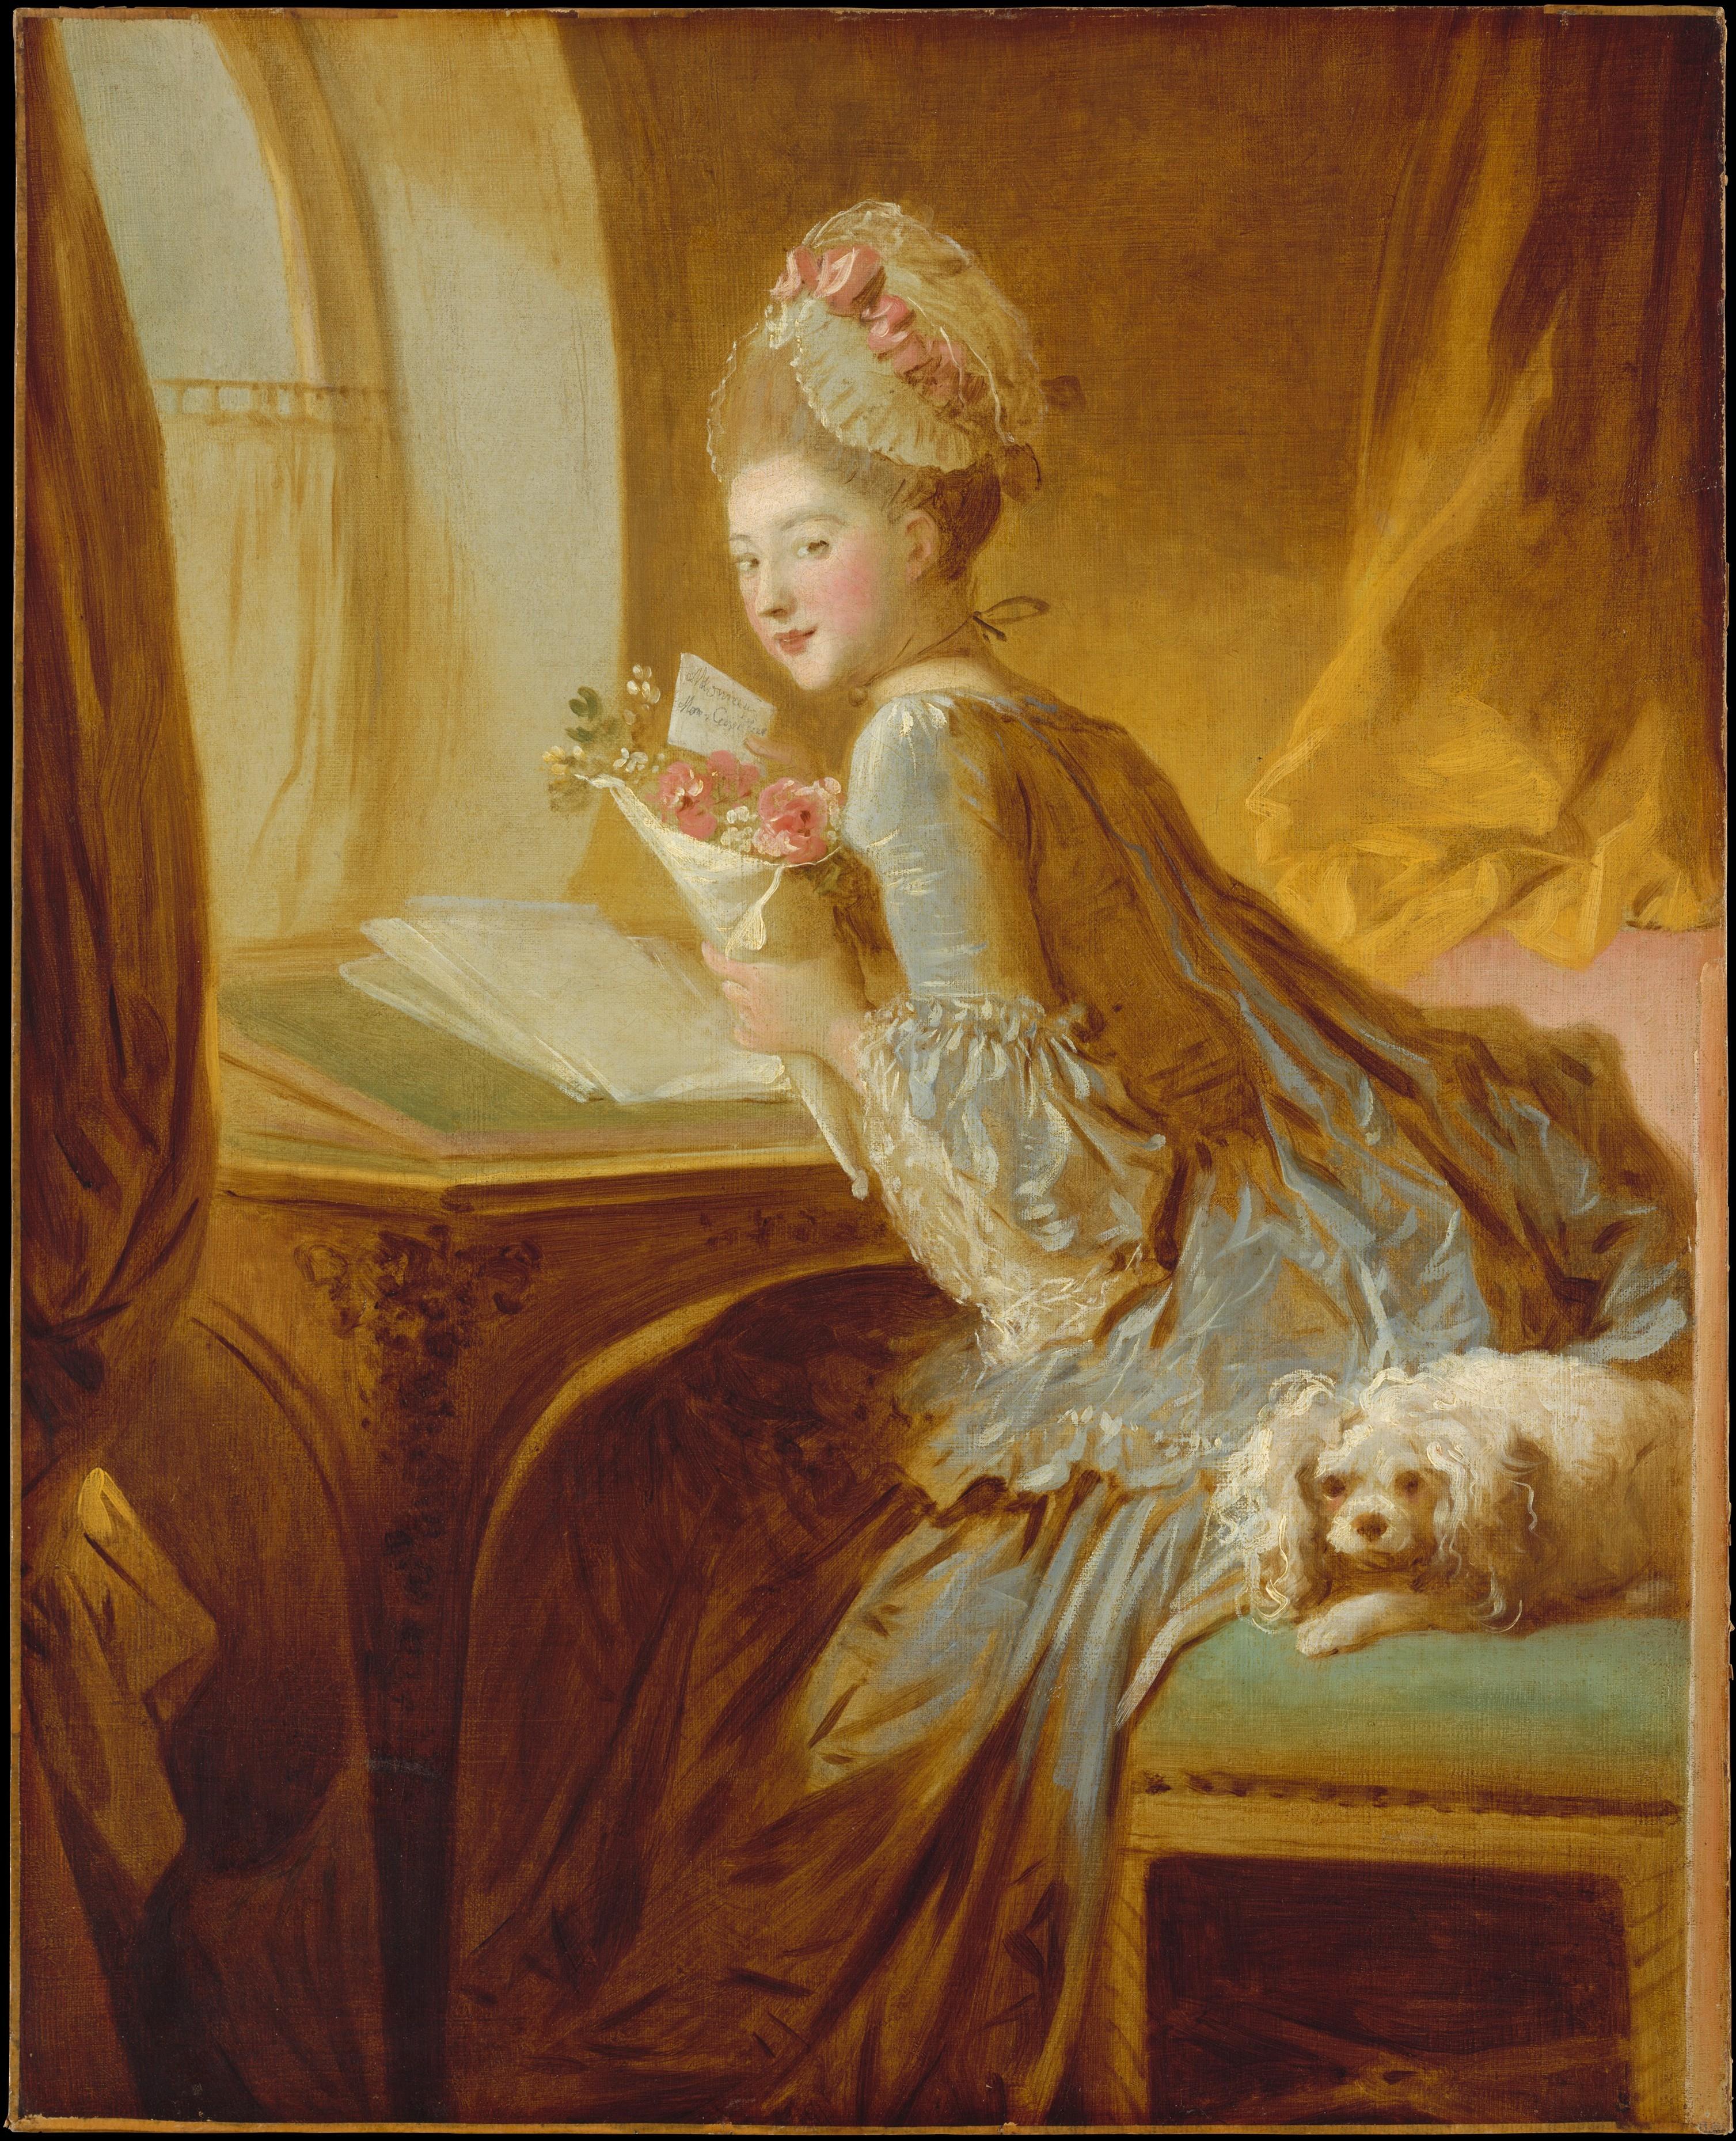 Jean Honore Fragonard, The Love Letter